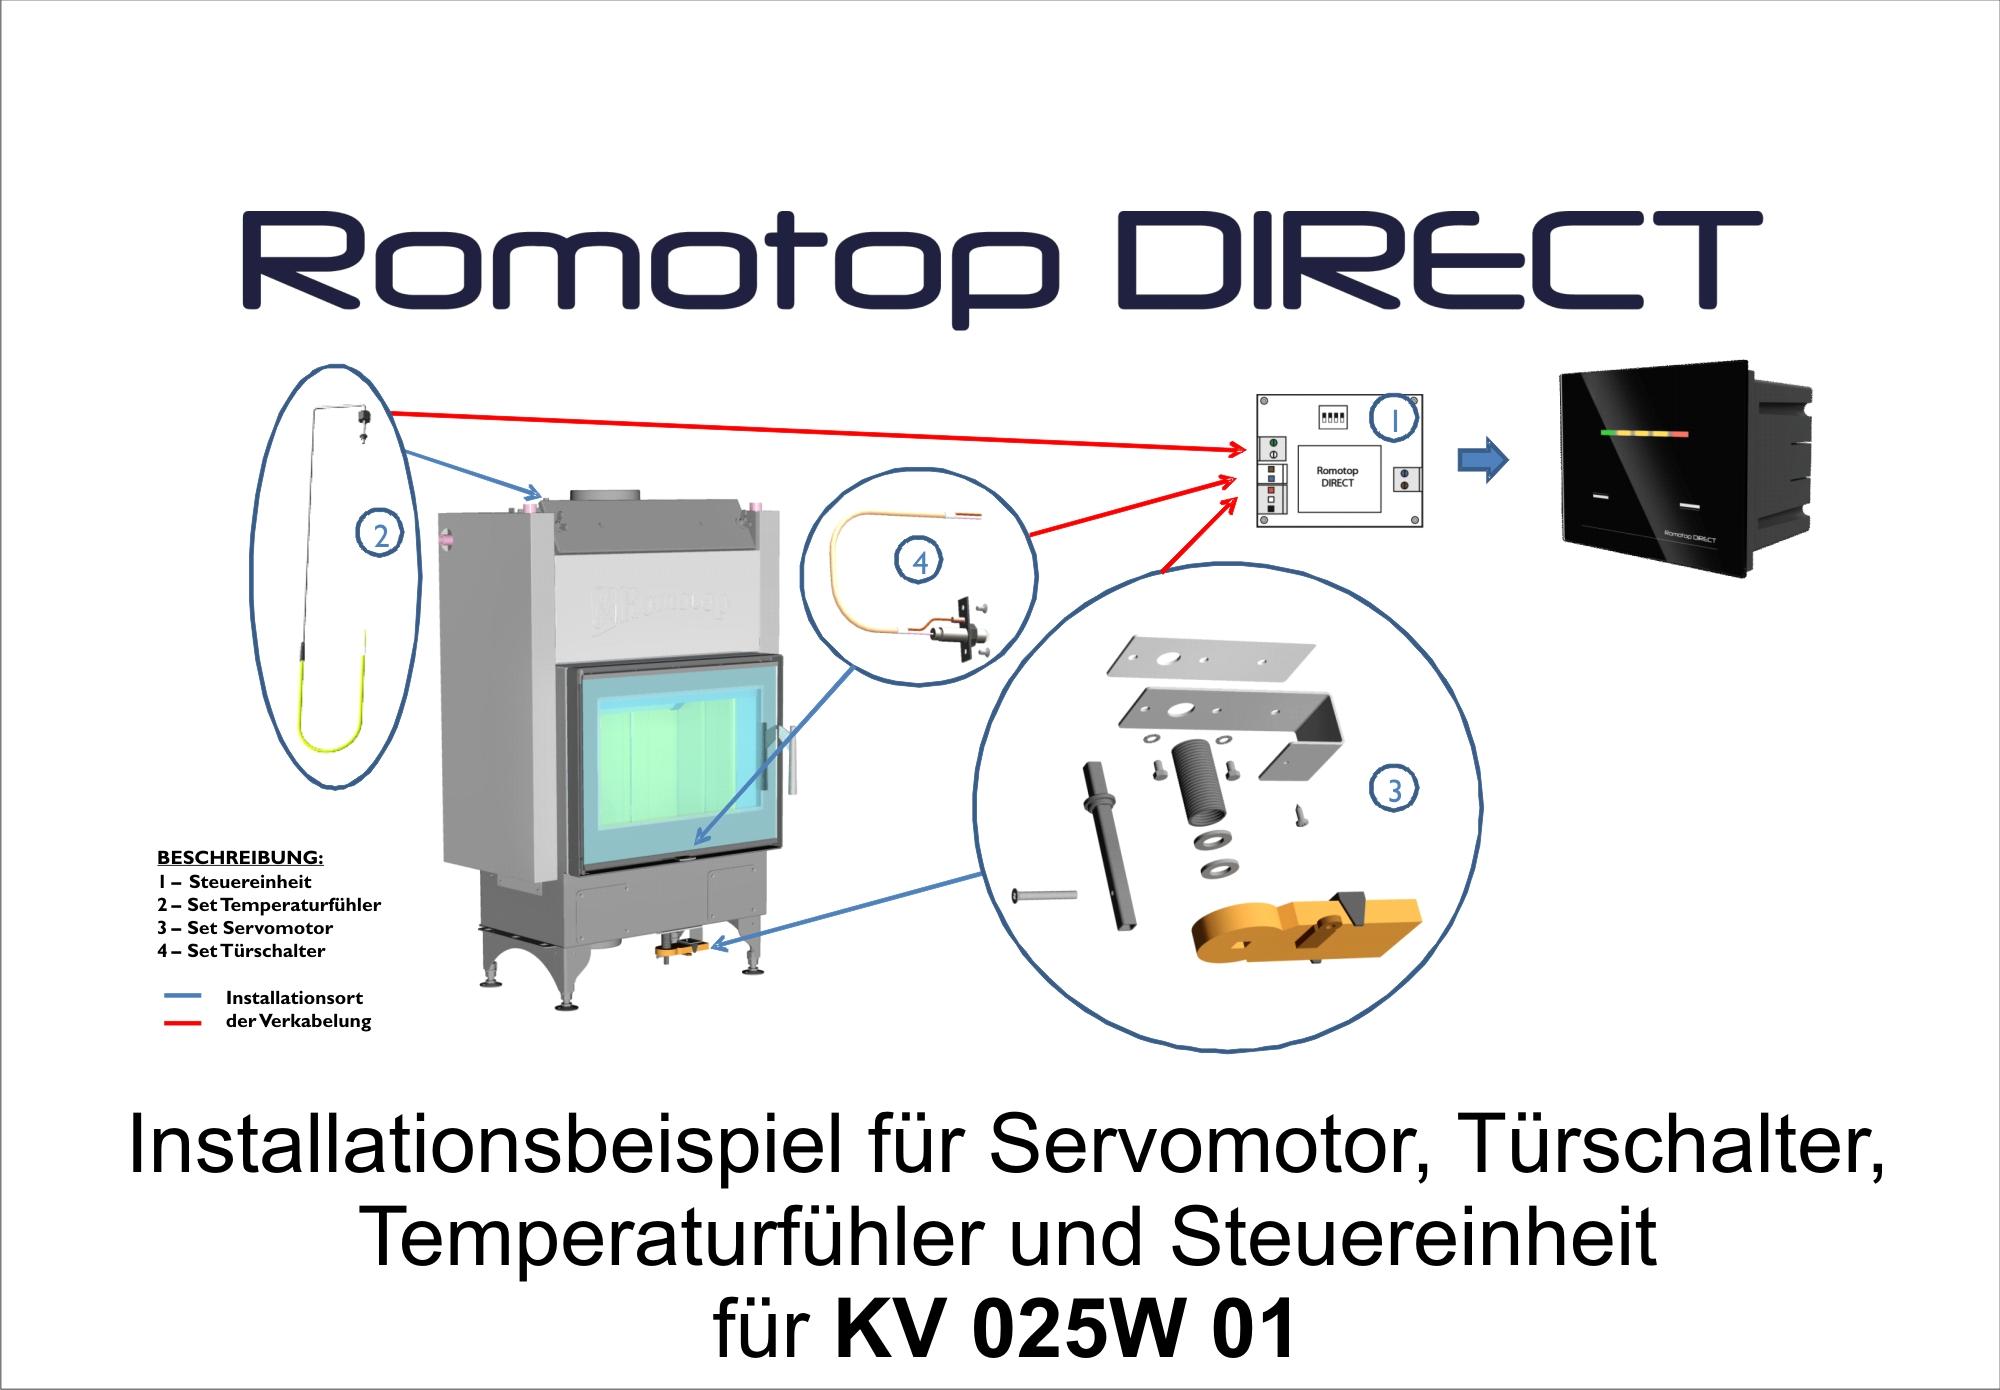 AUTOMATISCHE REGELUNG ROMOTOP DIRECT | Romotop